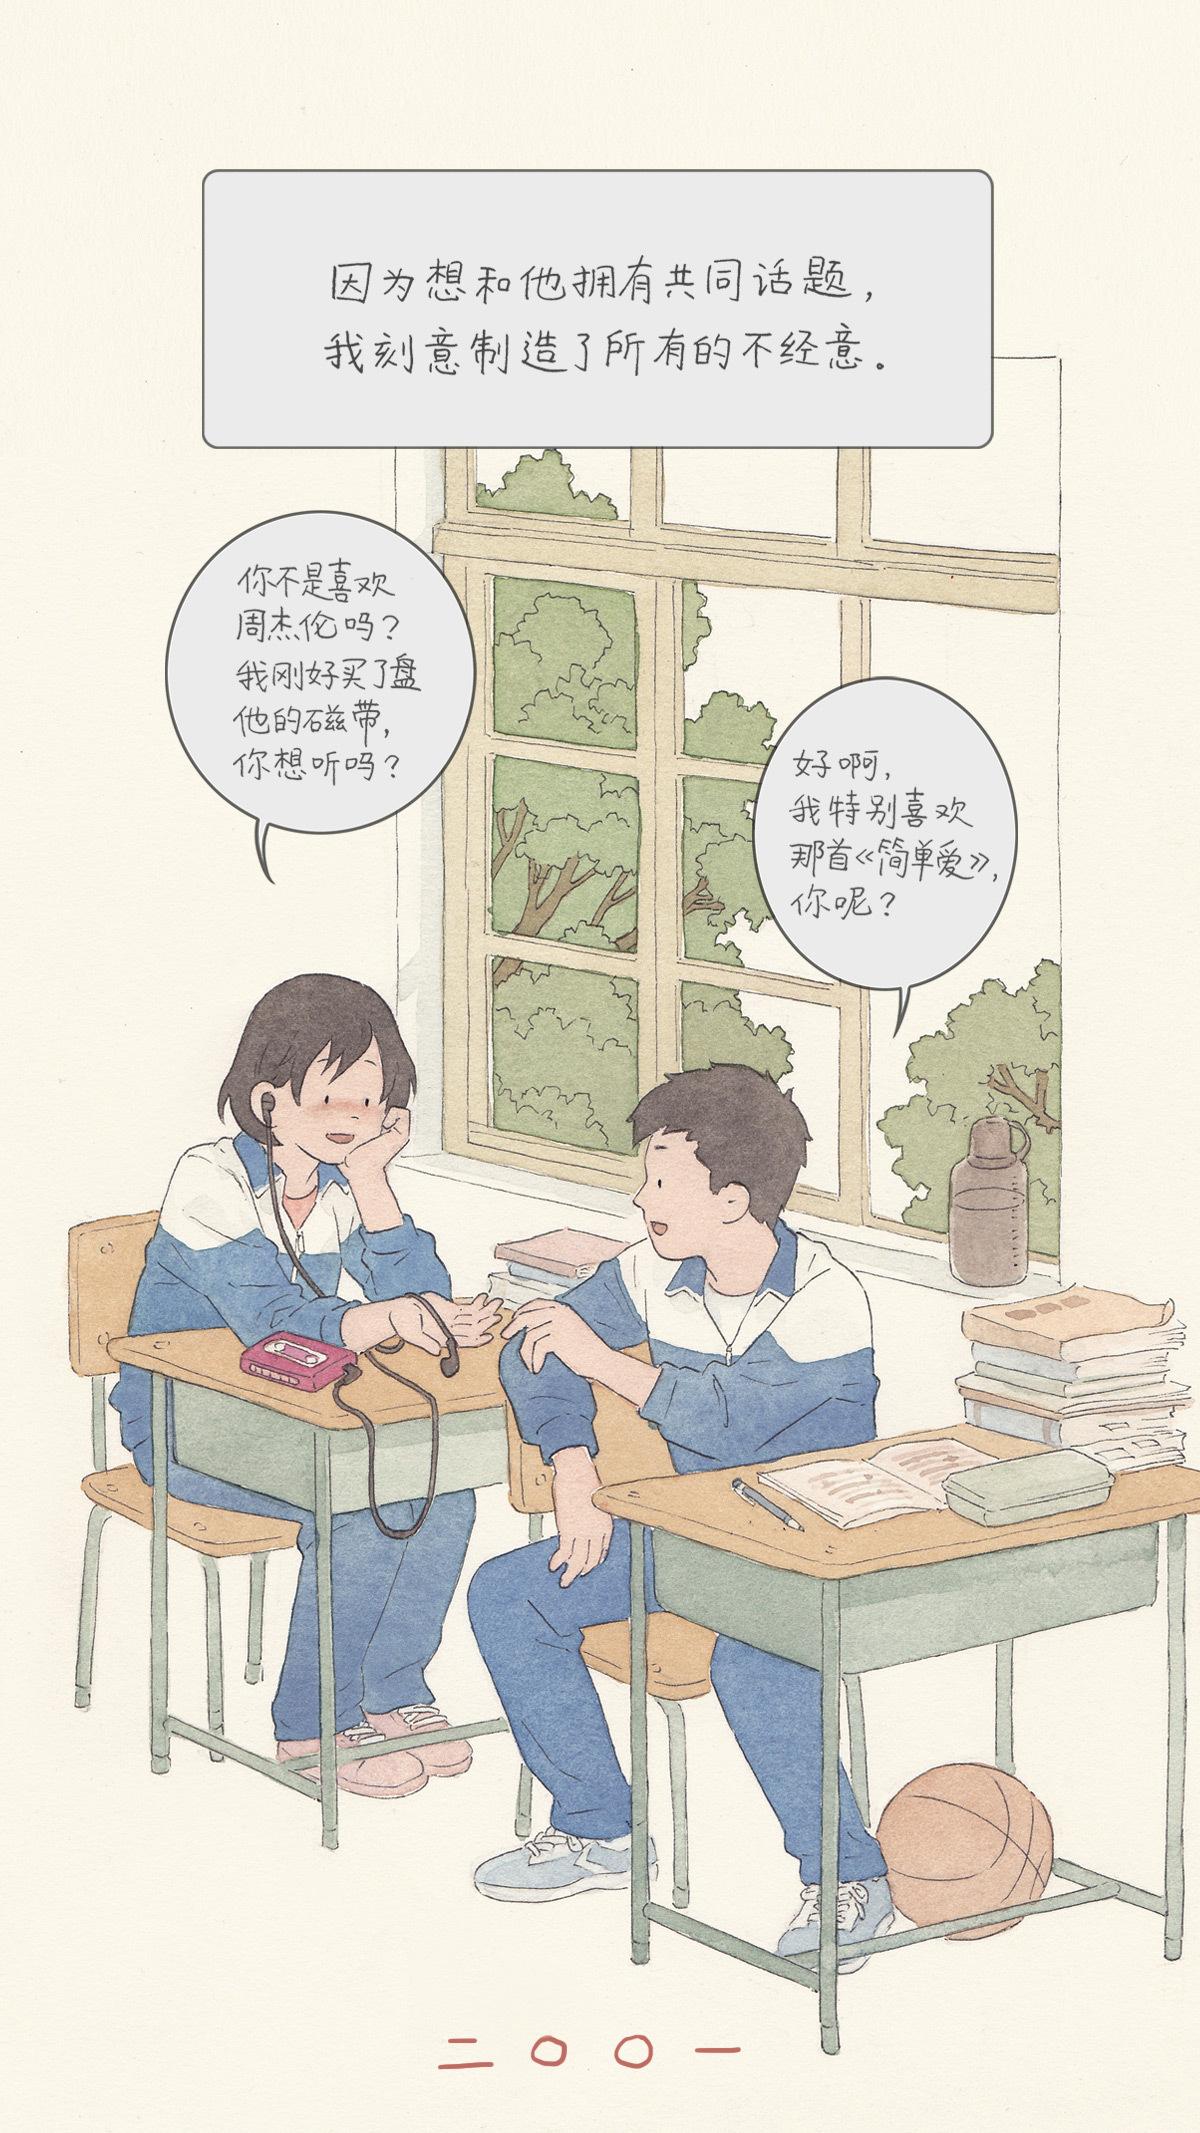 动漫日常之七 人间 单幅漫画 李彬BinLee-原创蛭漫画真图片